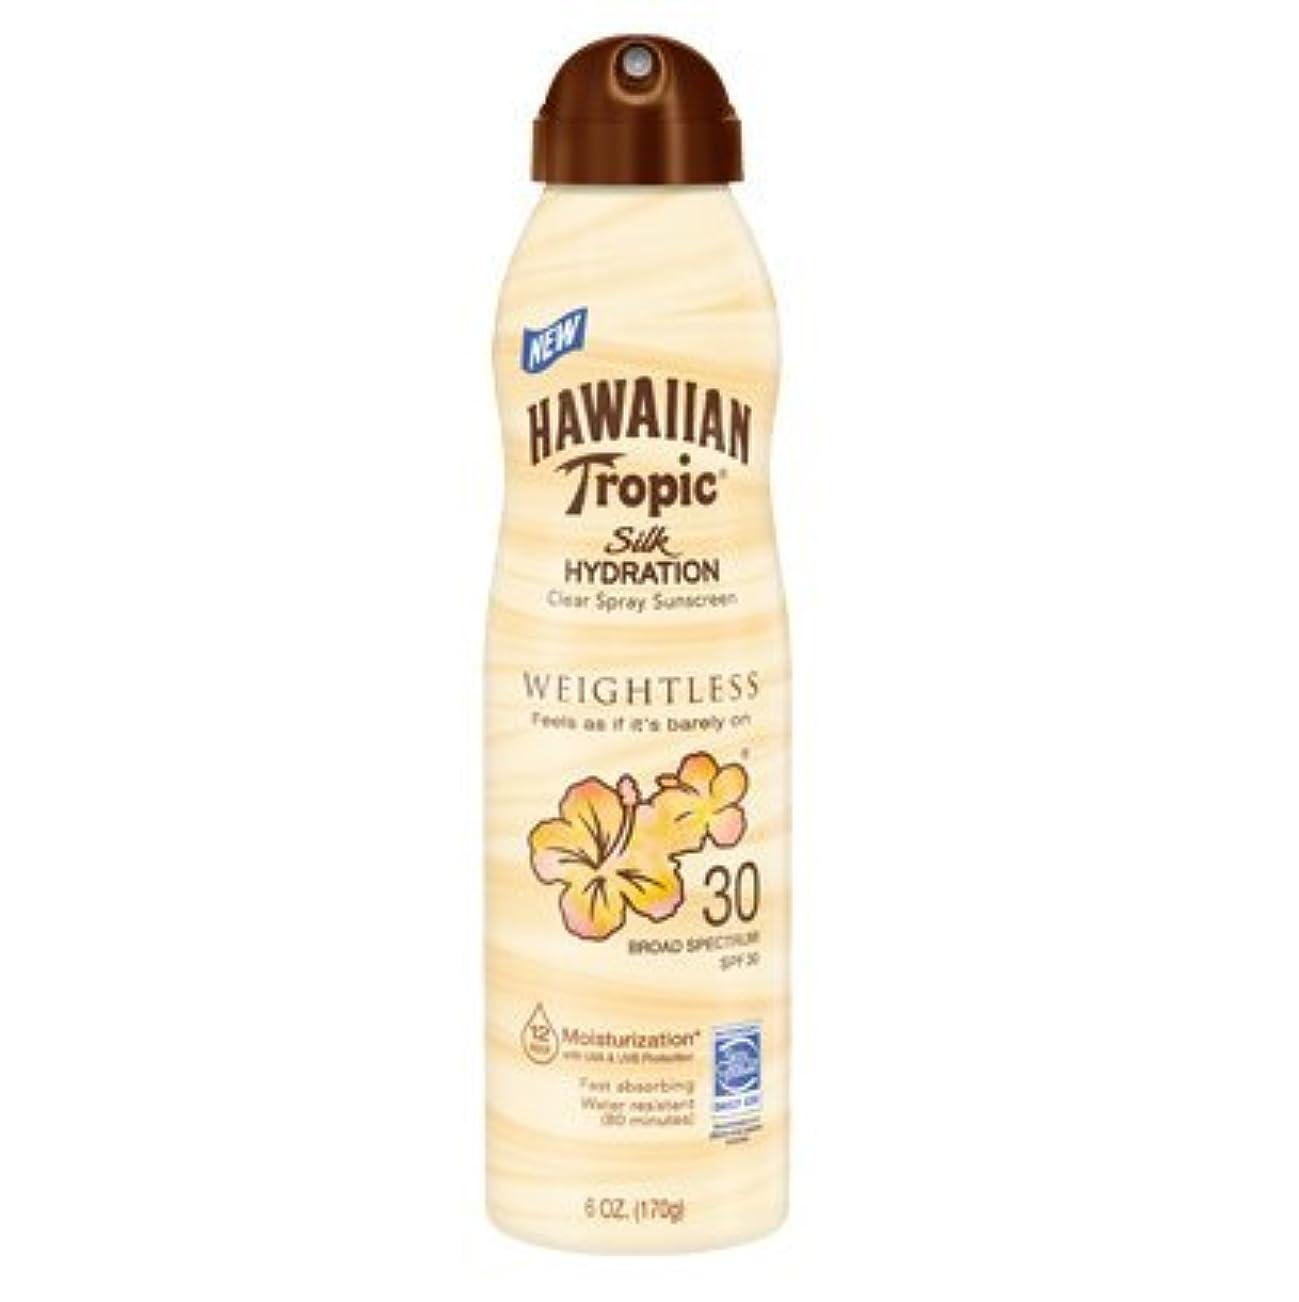 ボイコットジュニア和【海外直送】ハワイアントロピック 12時間持続 日焼け止めミスト SPF30 (177ml) Hawaiian Tropic Silk Hydration Clear Mist Spray Sunscreen SPF 30...